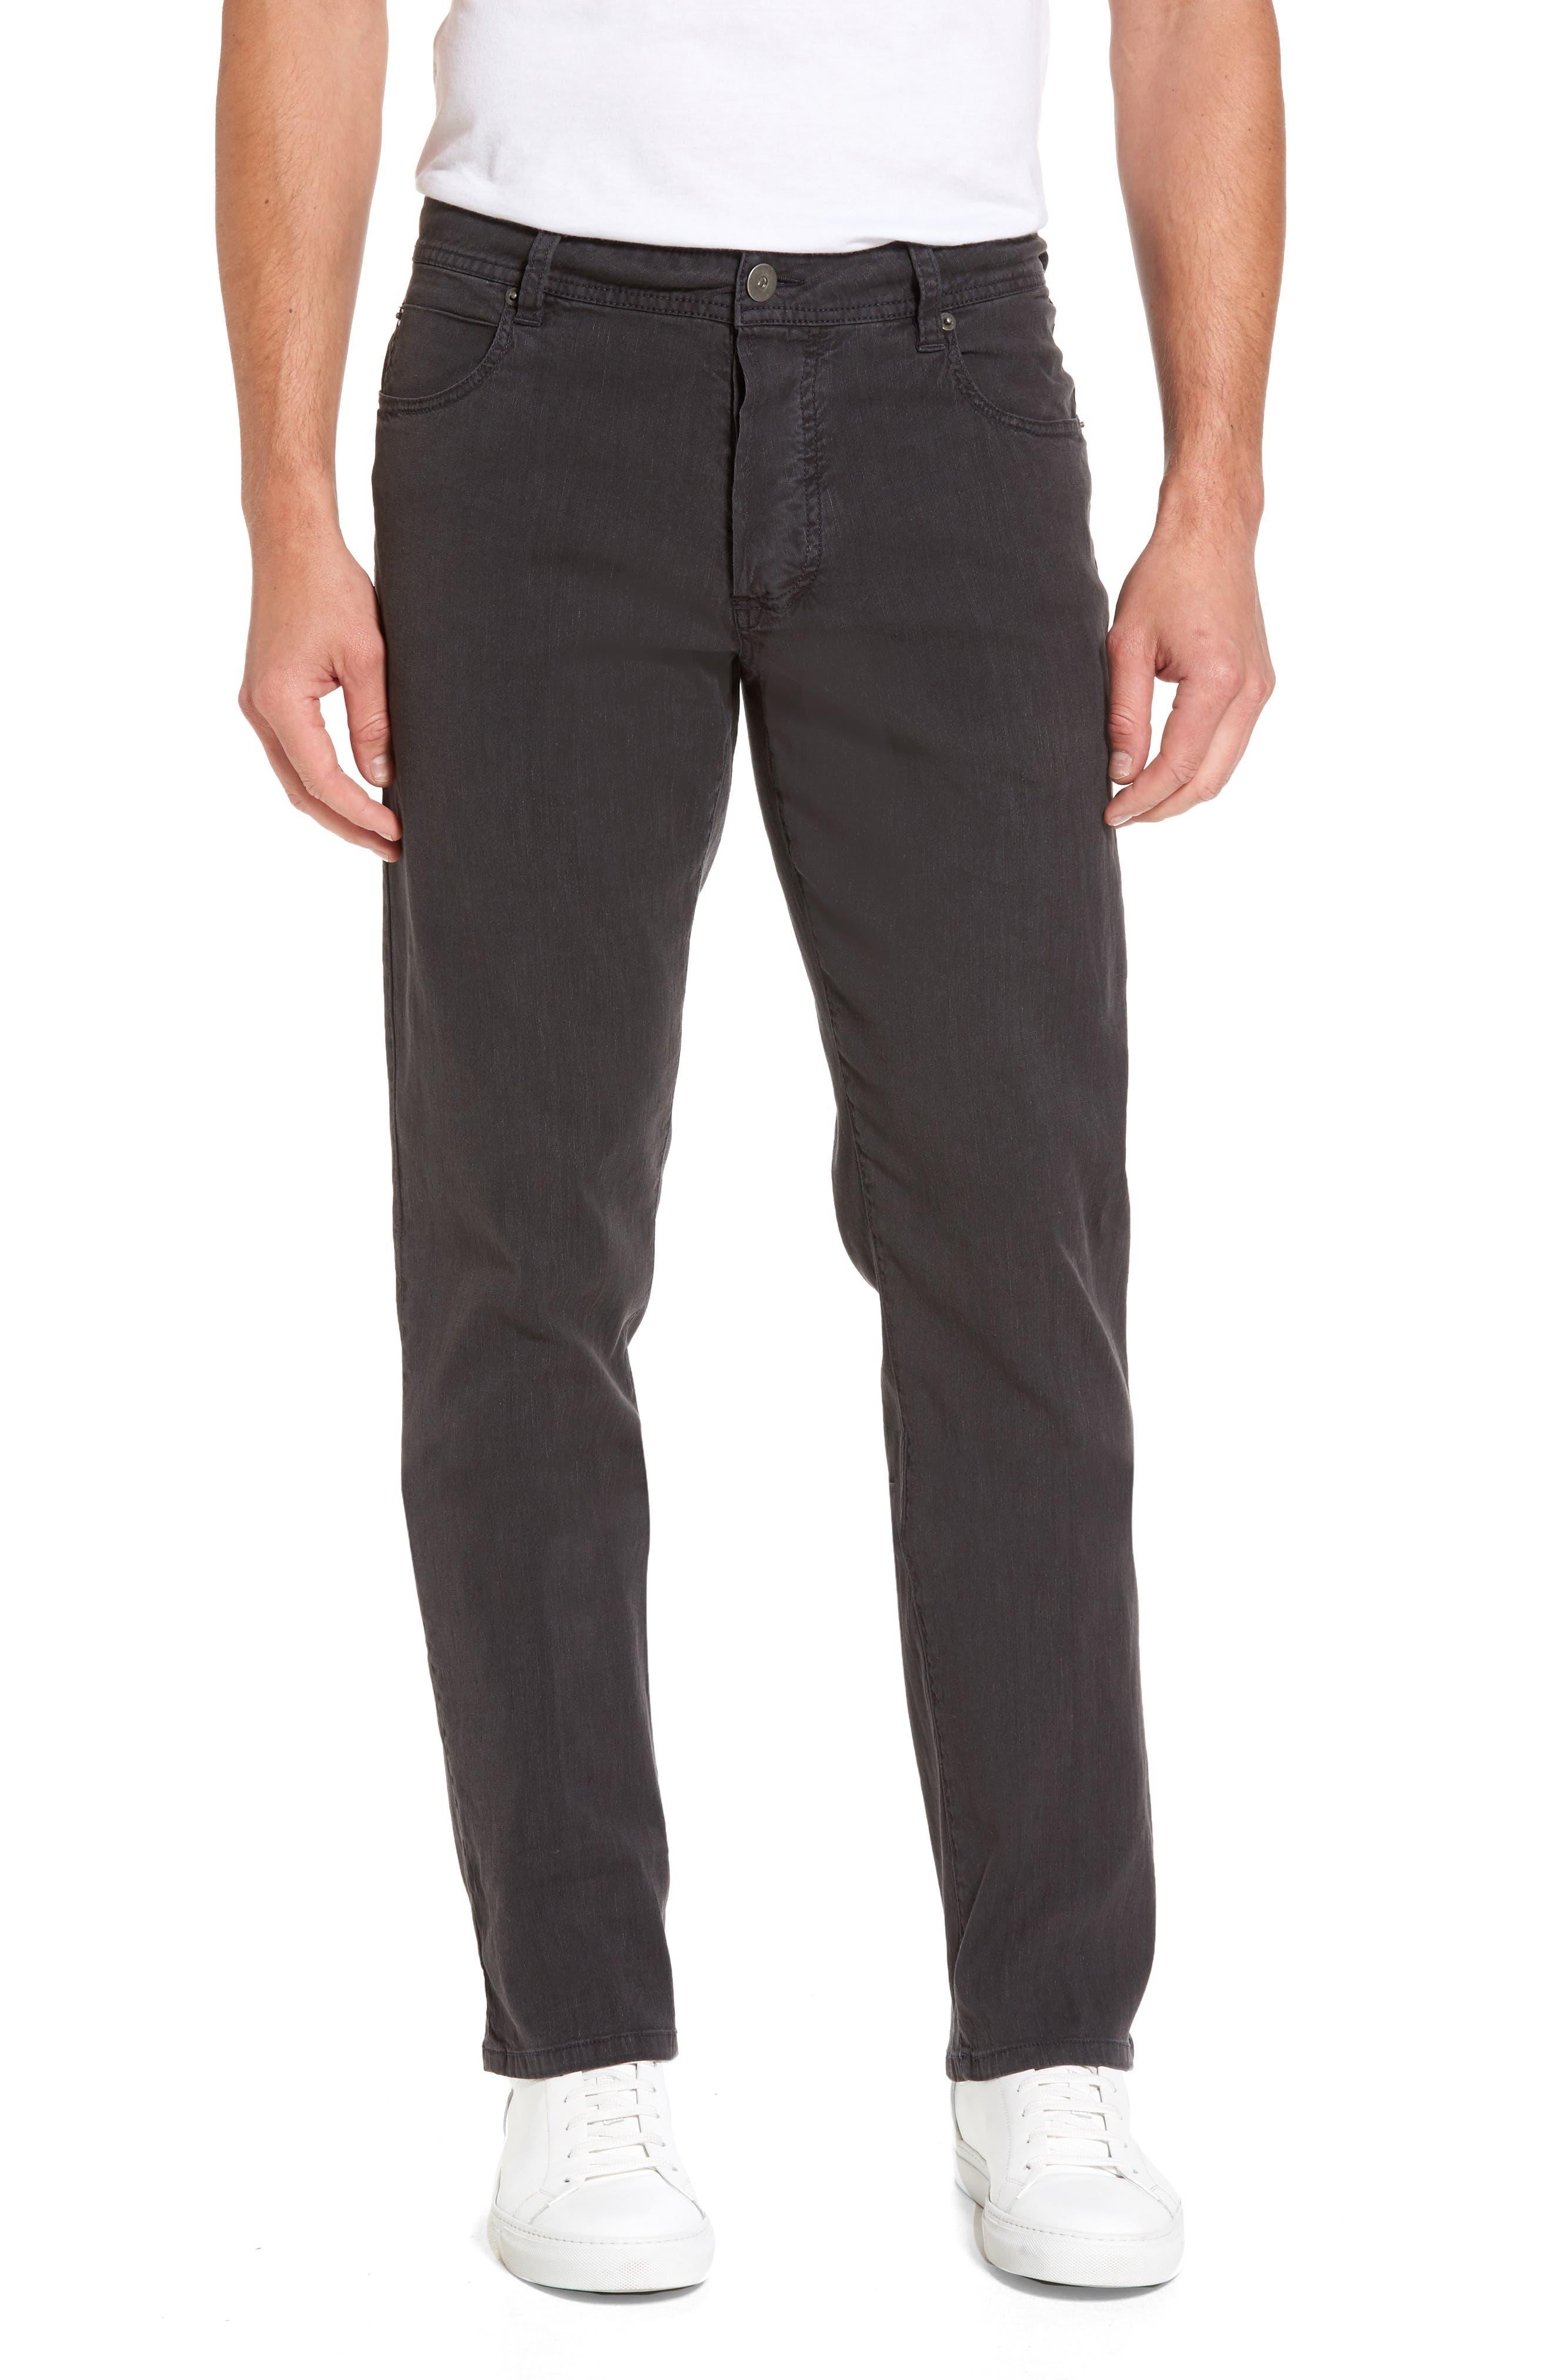 Straight Leg Five-Pocket Pants,                         Main,                         color, CARBON PIGMENT